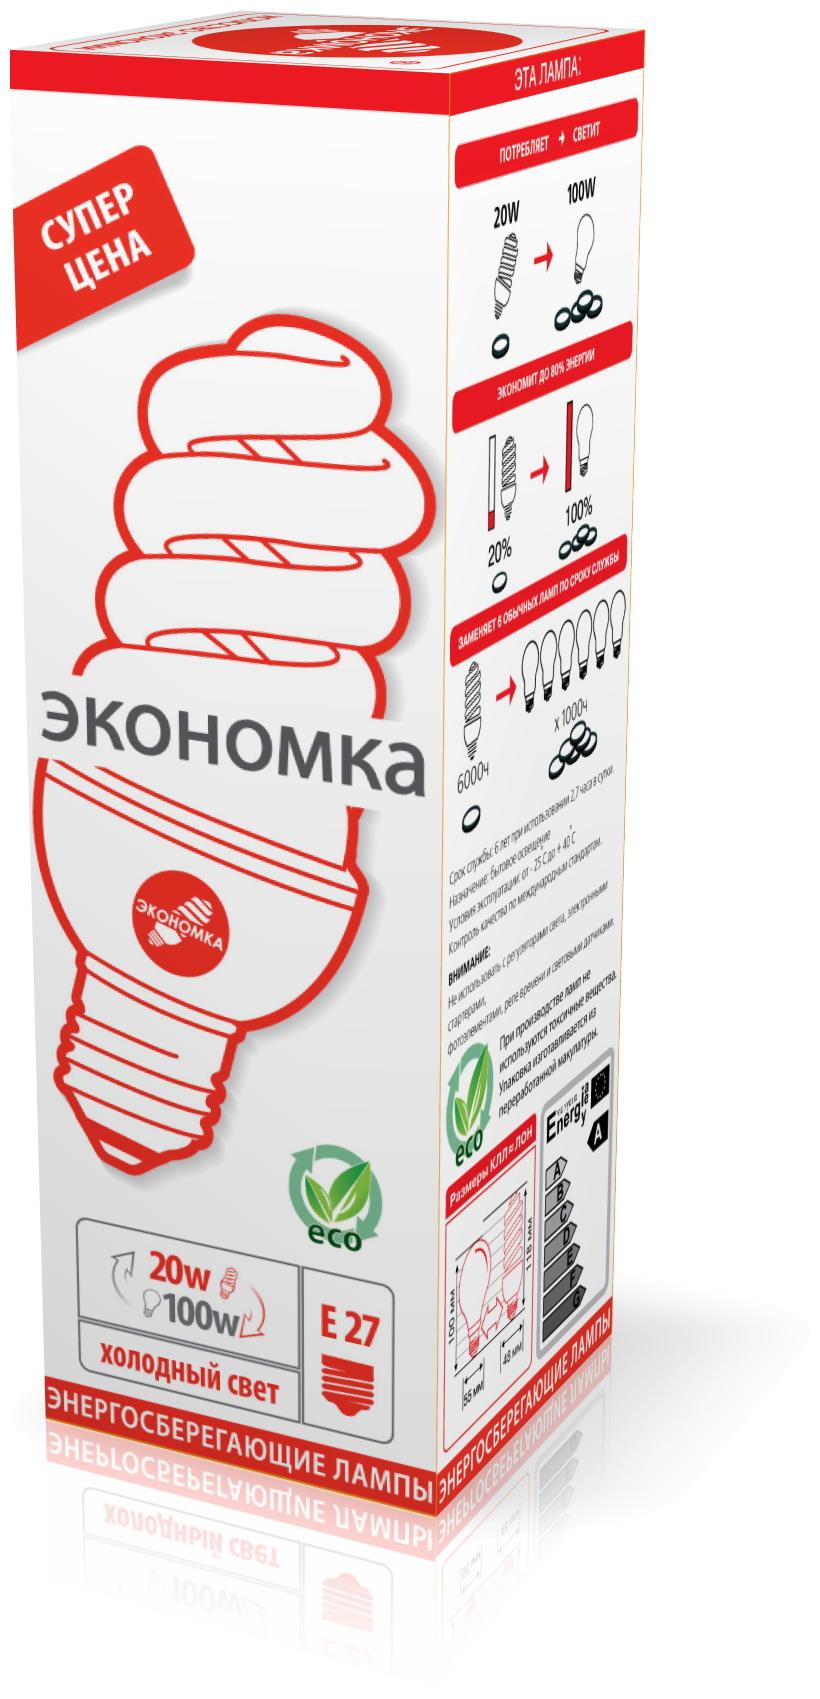 Лампа энергосберегающая ЭКОНОМКА 20Ватт 4200К Е27 Т3 лампа энергосберегающая экономка 15ватт 4200к е27 т3